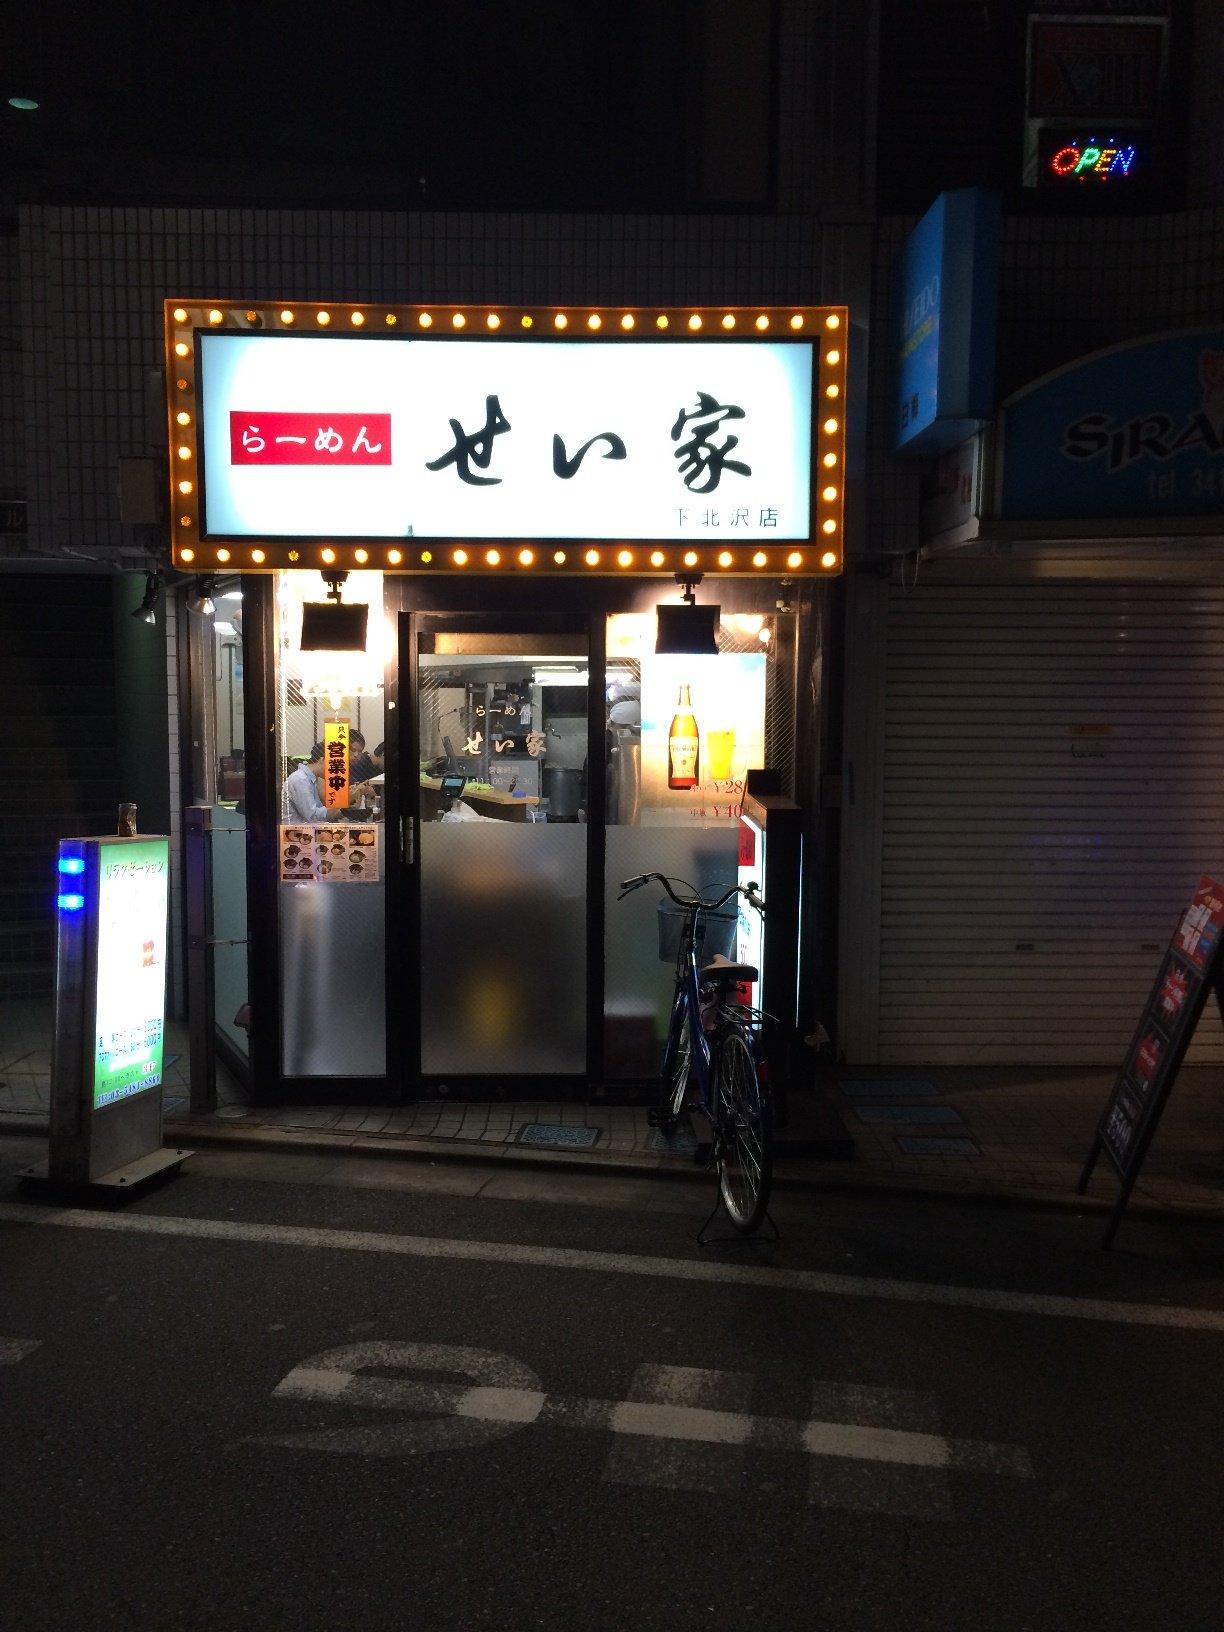 下北沢のラーメン屋さん「せい家 下北沢店」でラーメンを食べましたが…